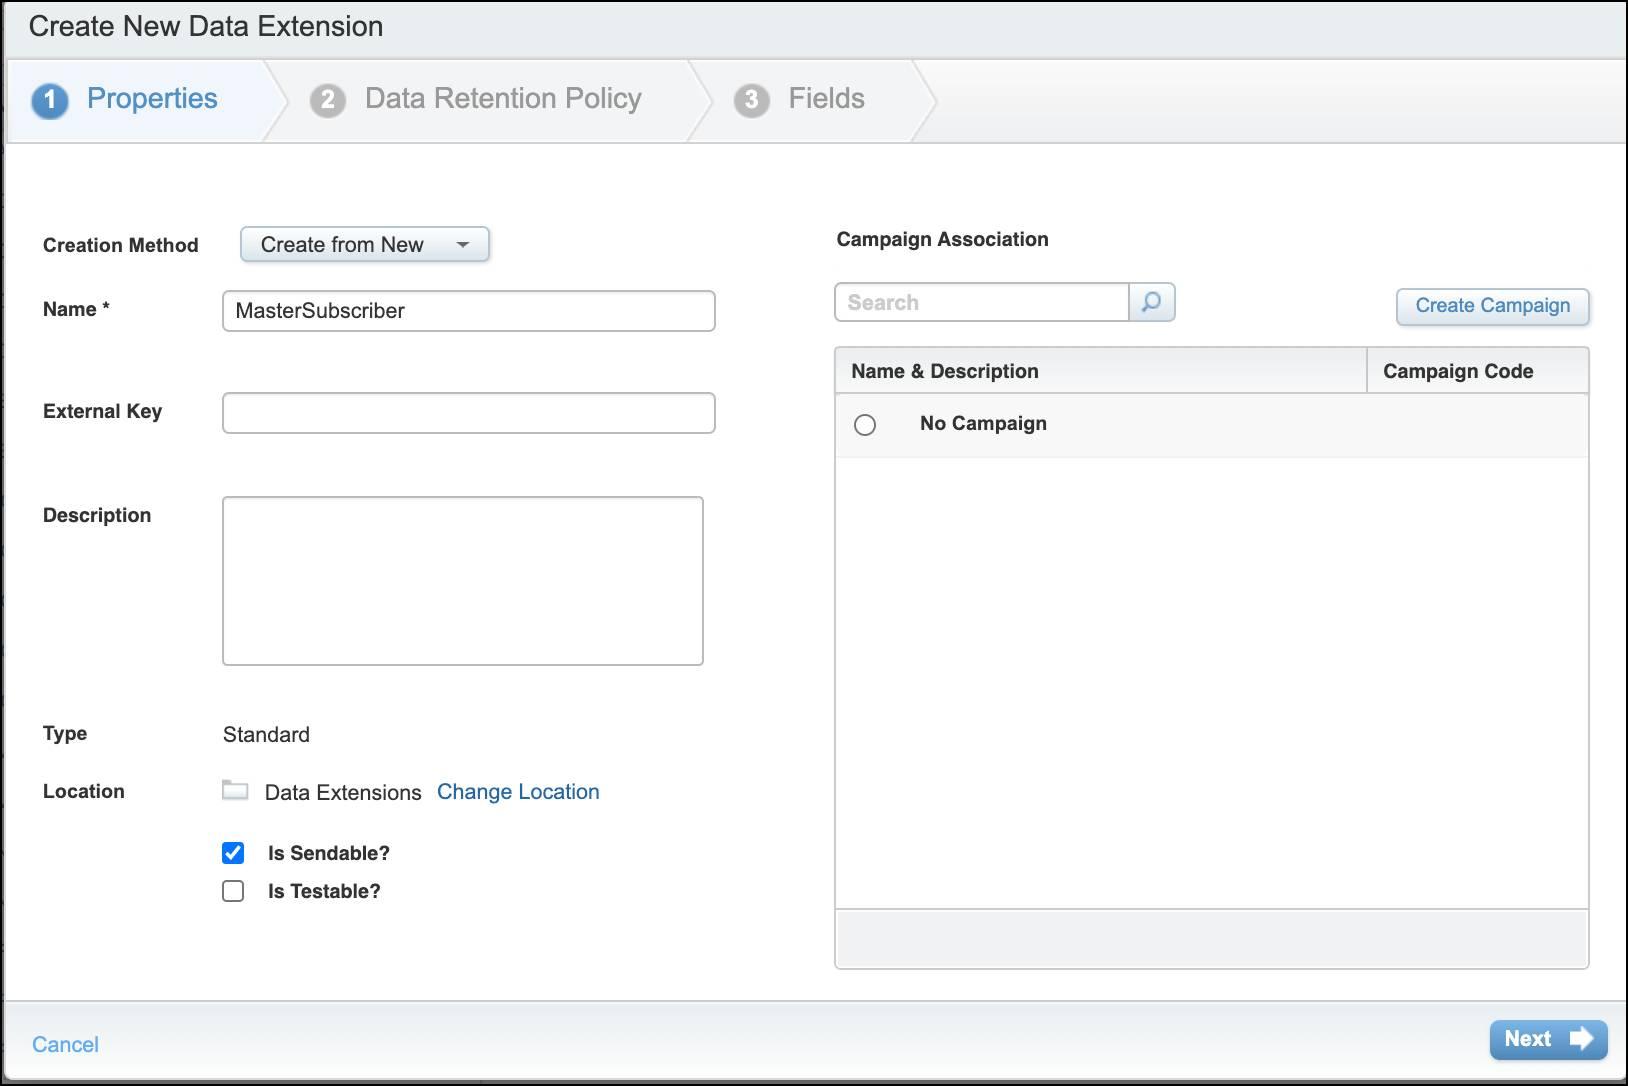 [新しいデータエクステンションの作成] ダイアログボックスでプロパティを追加する。